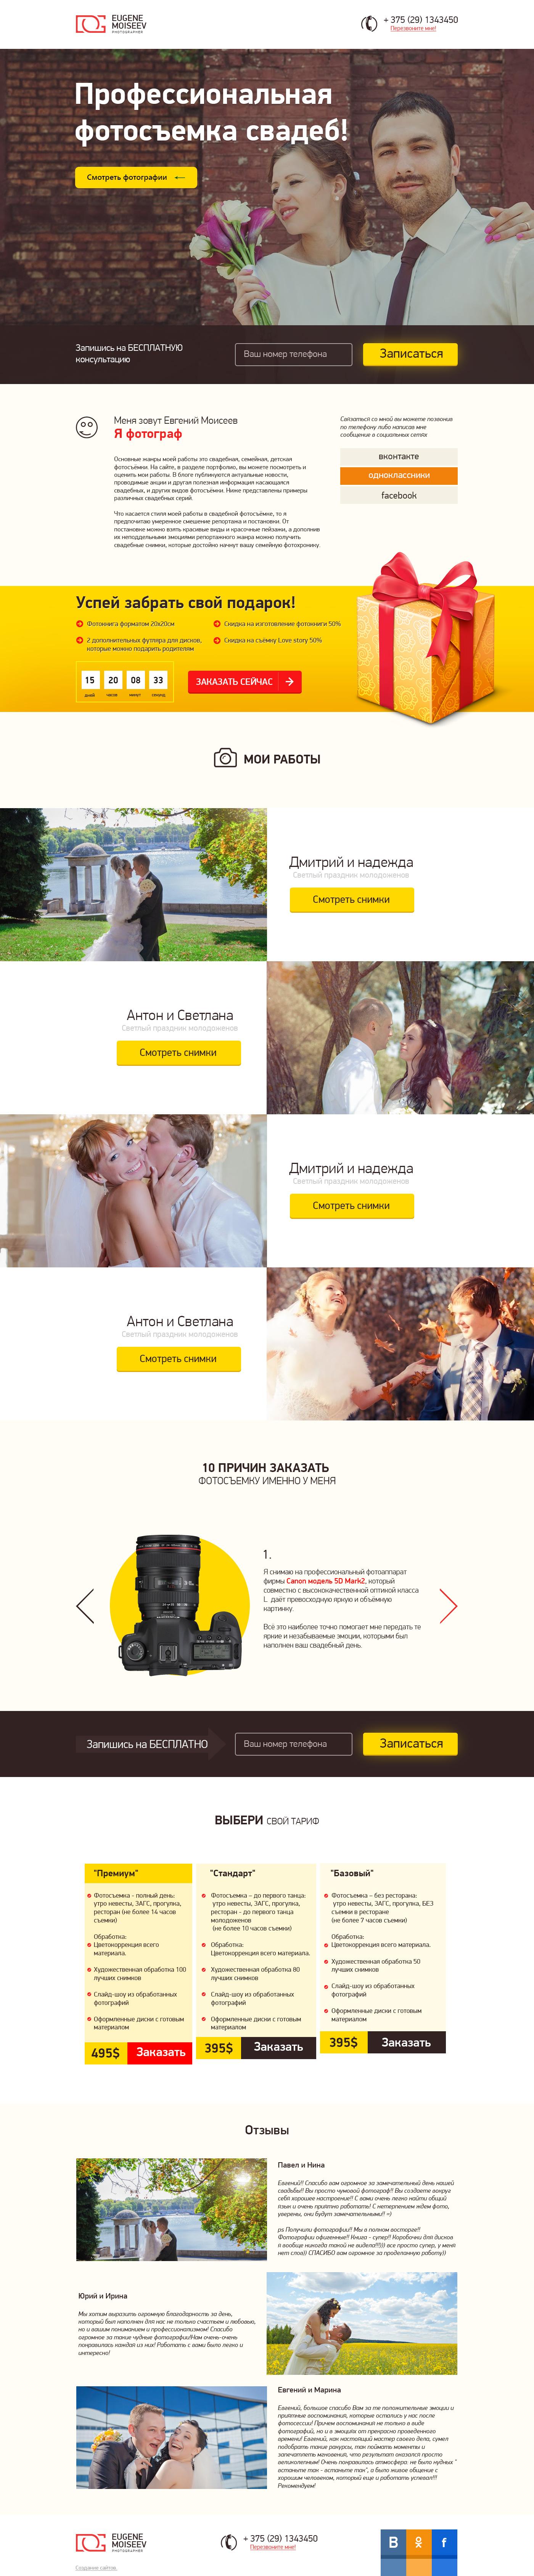 Лендинг пейдж - фотосьемка свадеб